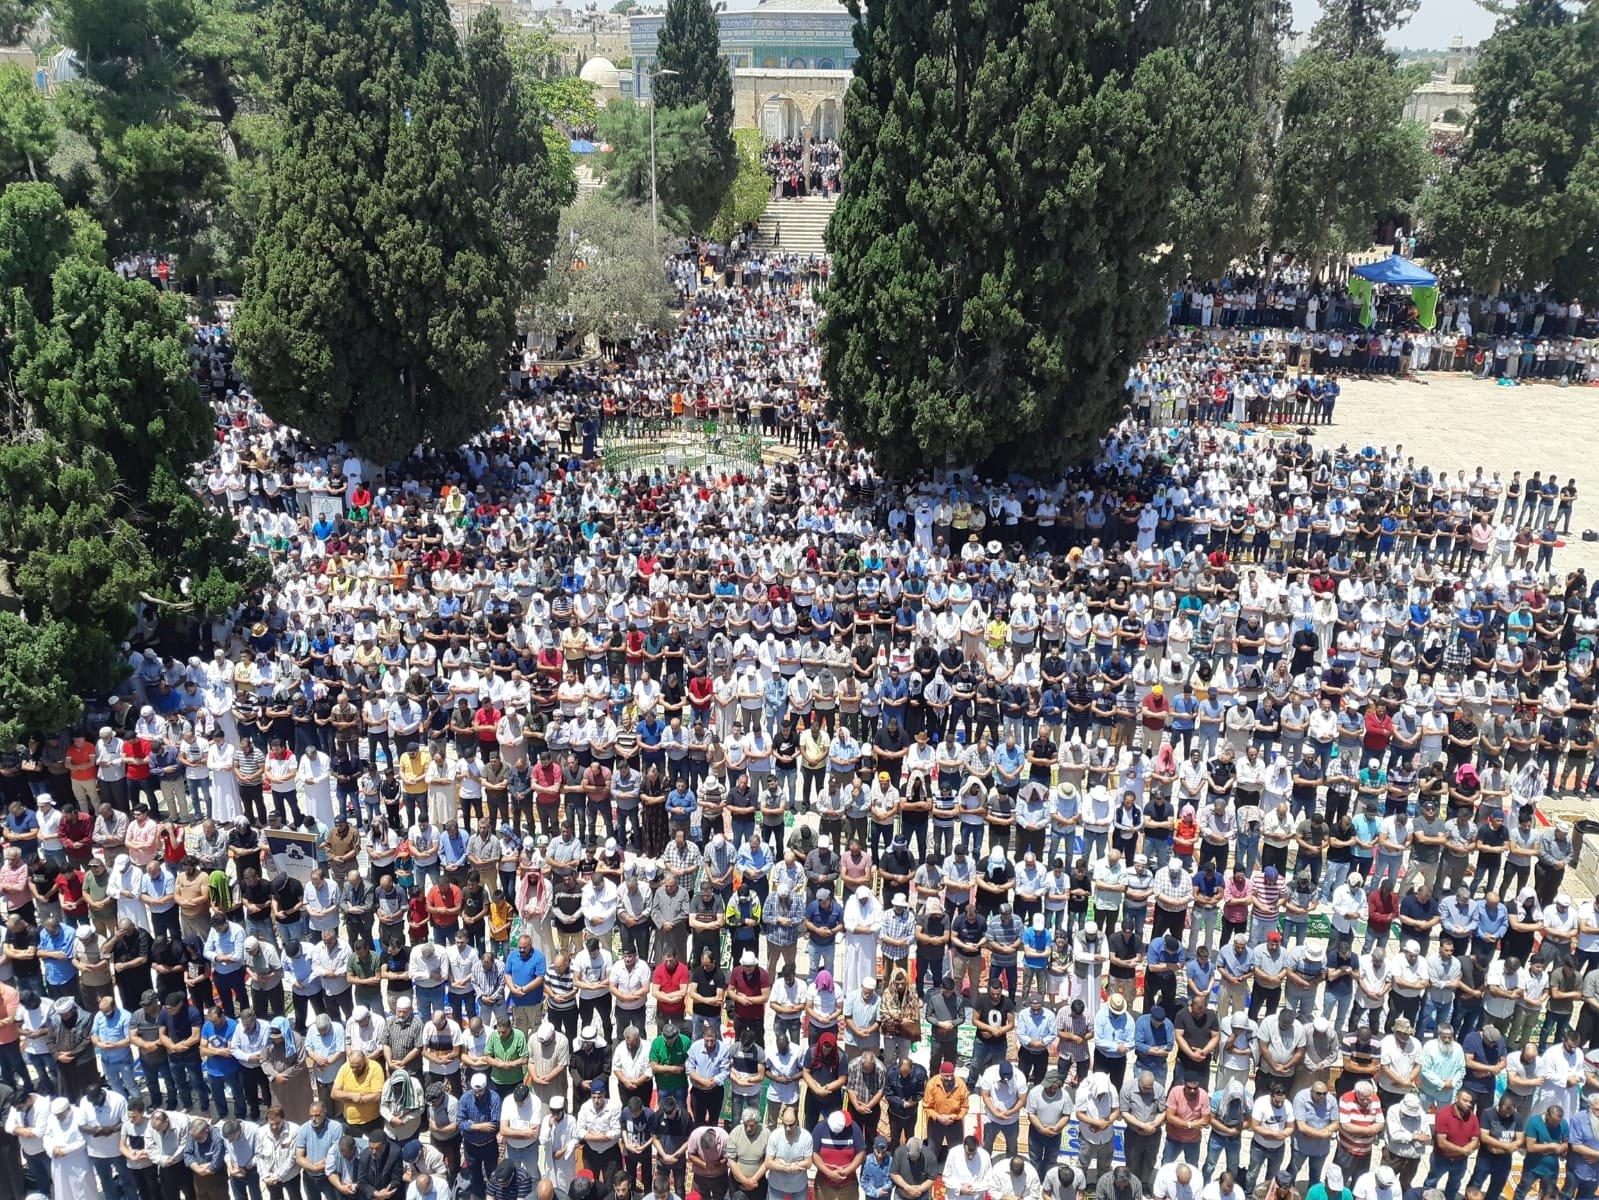 ربع مليون مصلٍ يؤدون الجمعة اليتيمة في المسجد الأقصى